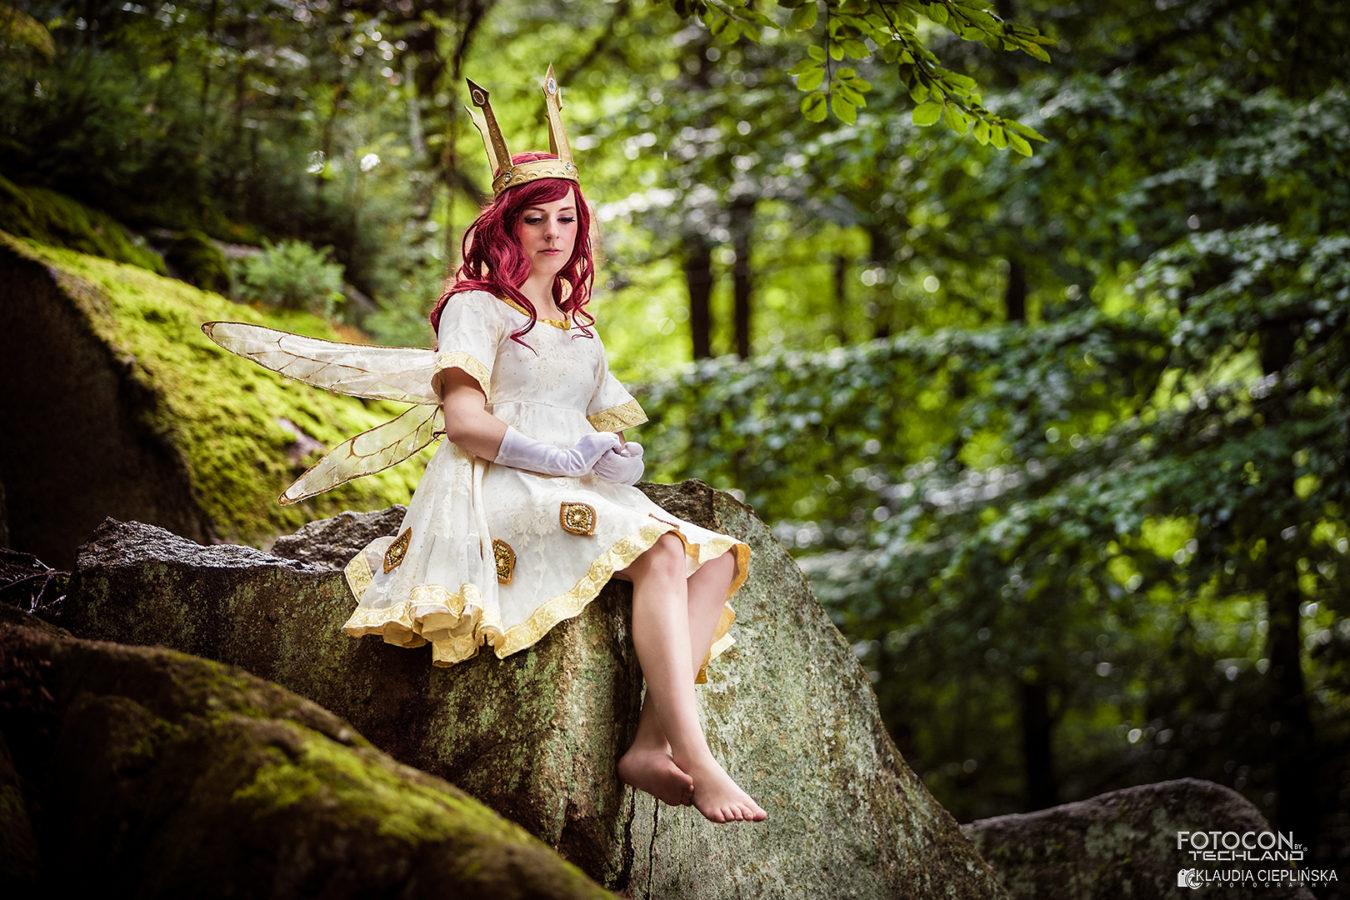 Cosplay fotografia Fotocon by Tachland we Wleniu w Polsce w 2017 roku. Fotografia portretowa Klaudia Cieplińska